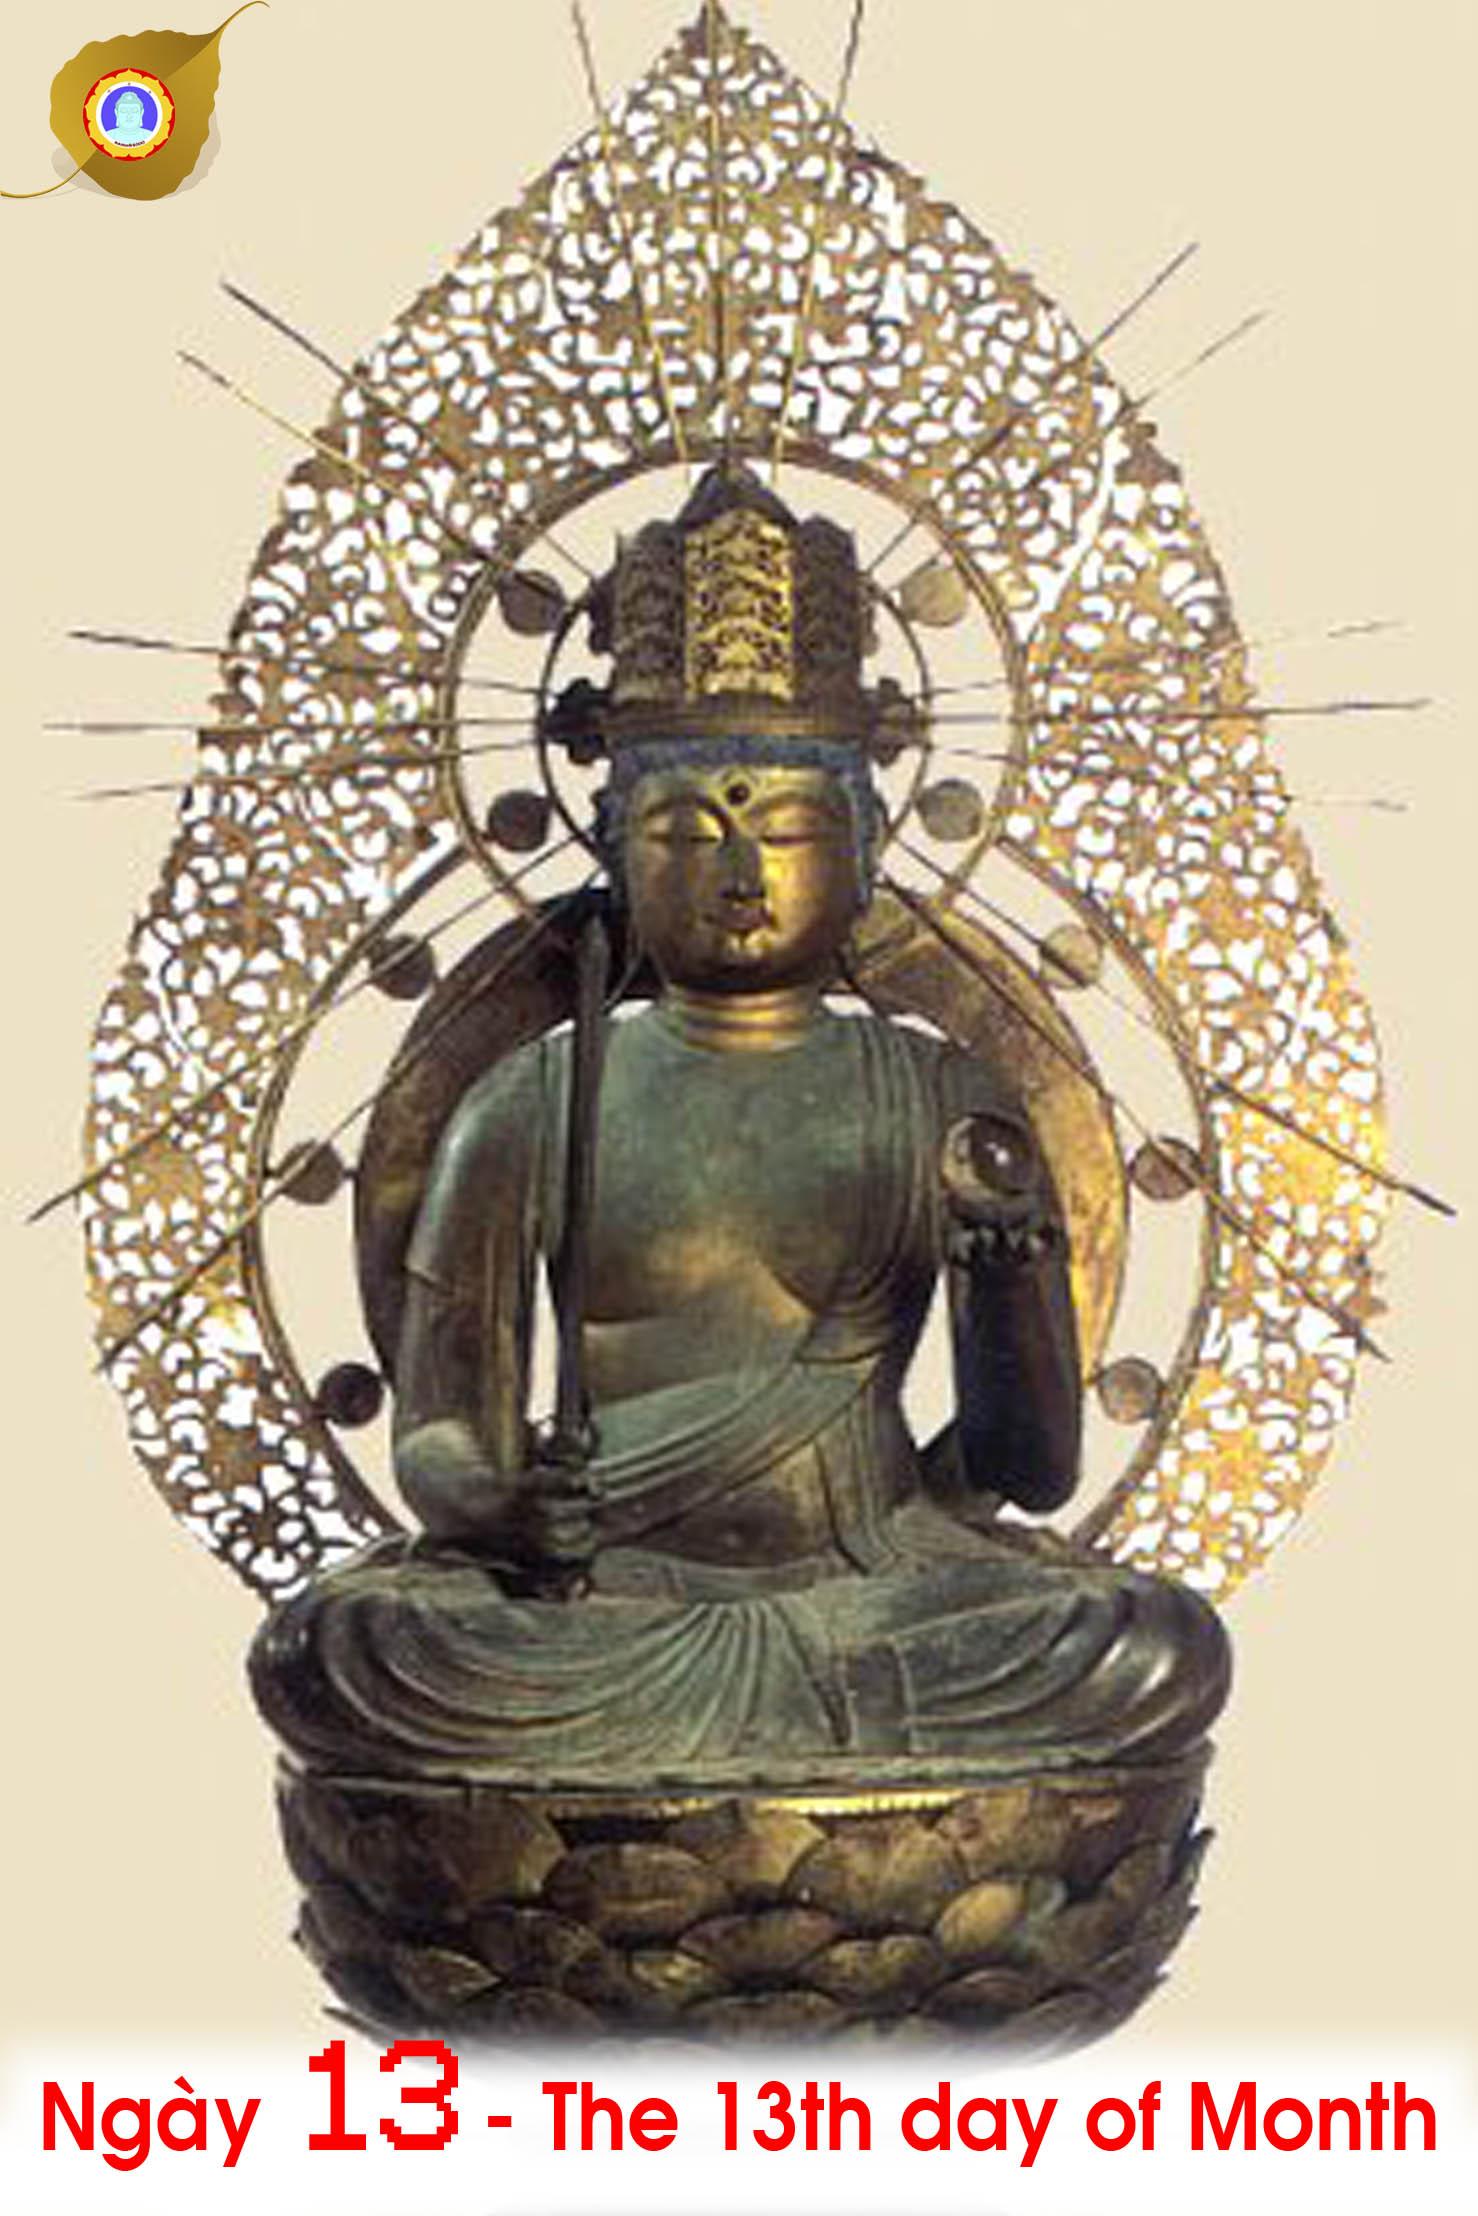 Duyên nhật ngày 13: Hư Không Tạng Bồ tát – Akasagarbha Bodhisattva (Bodhisattva of Space)